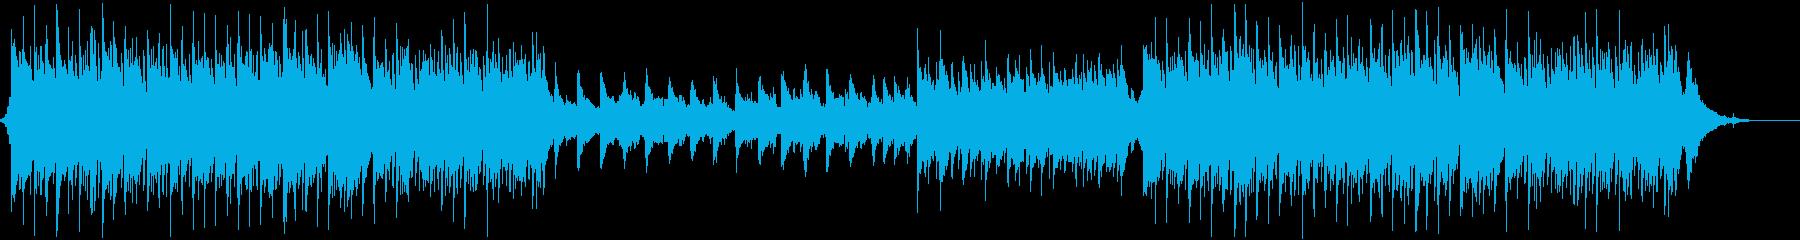 壮大で哀愁のあるケルト音楽の再生済みの波形